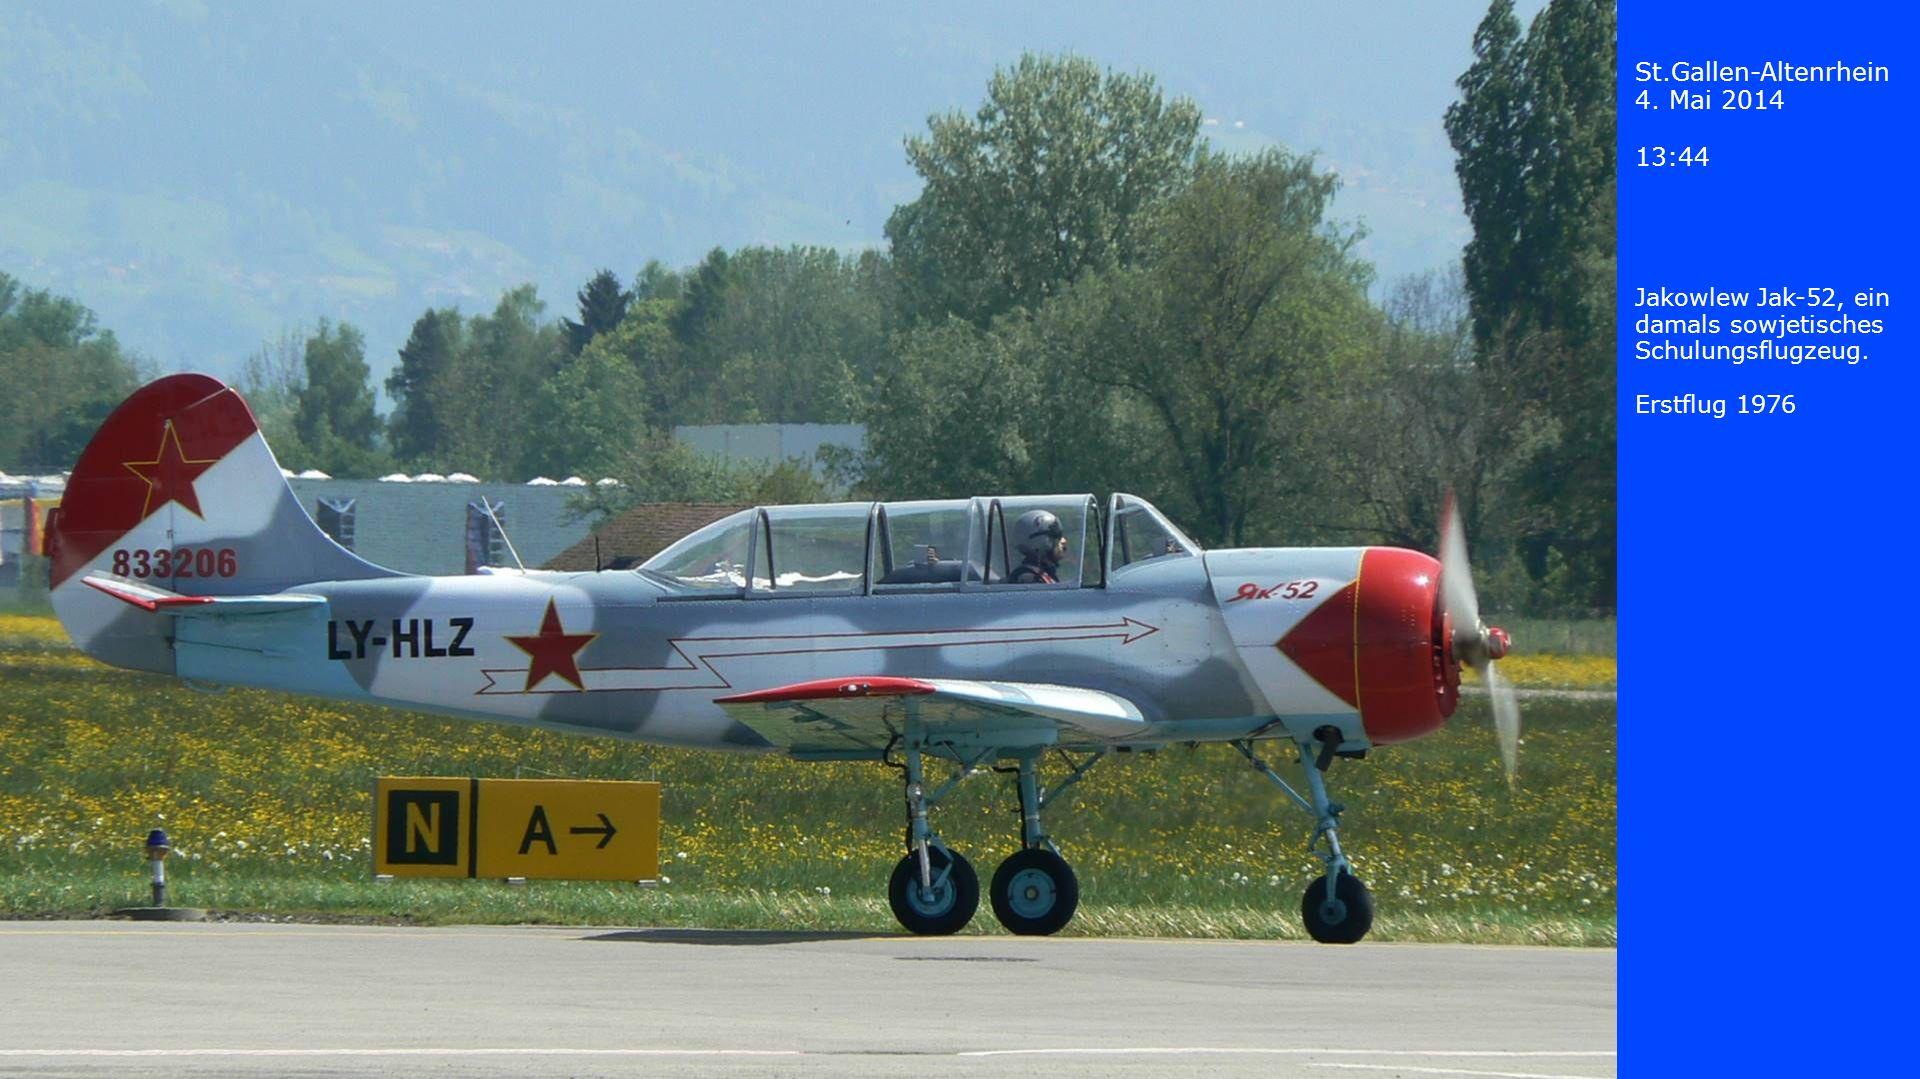 St.Gallen-Altenrhein 4. Mai 2014 13:44 Jakowlew Jak-52, ein damals sowjetisches Schulungsflugzeug. Erstflug 1976